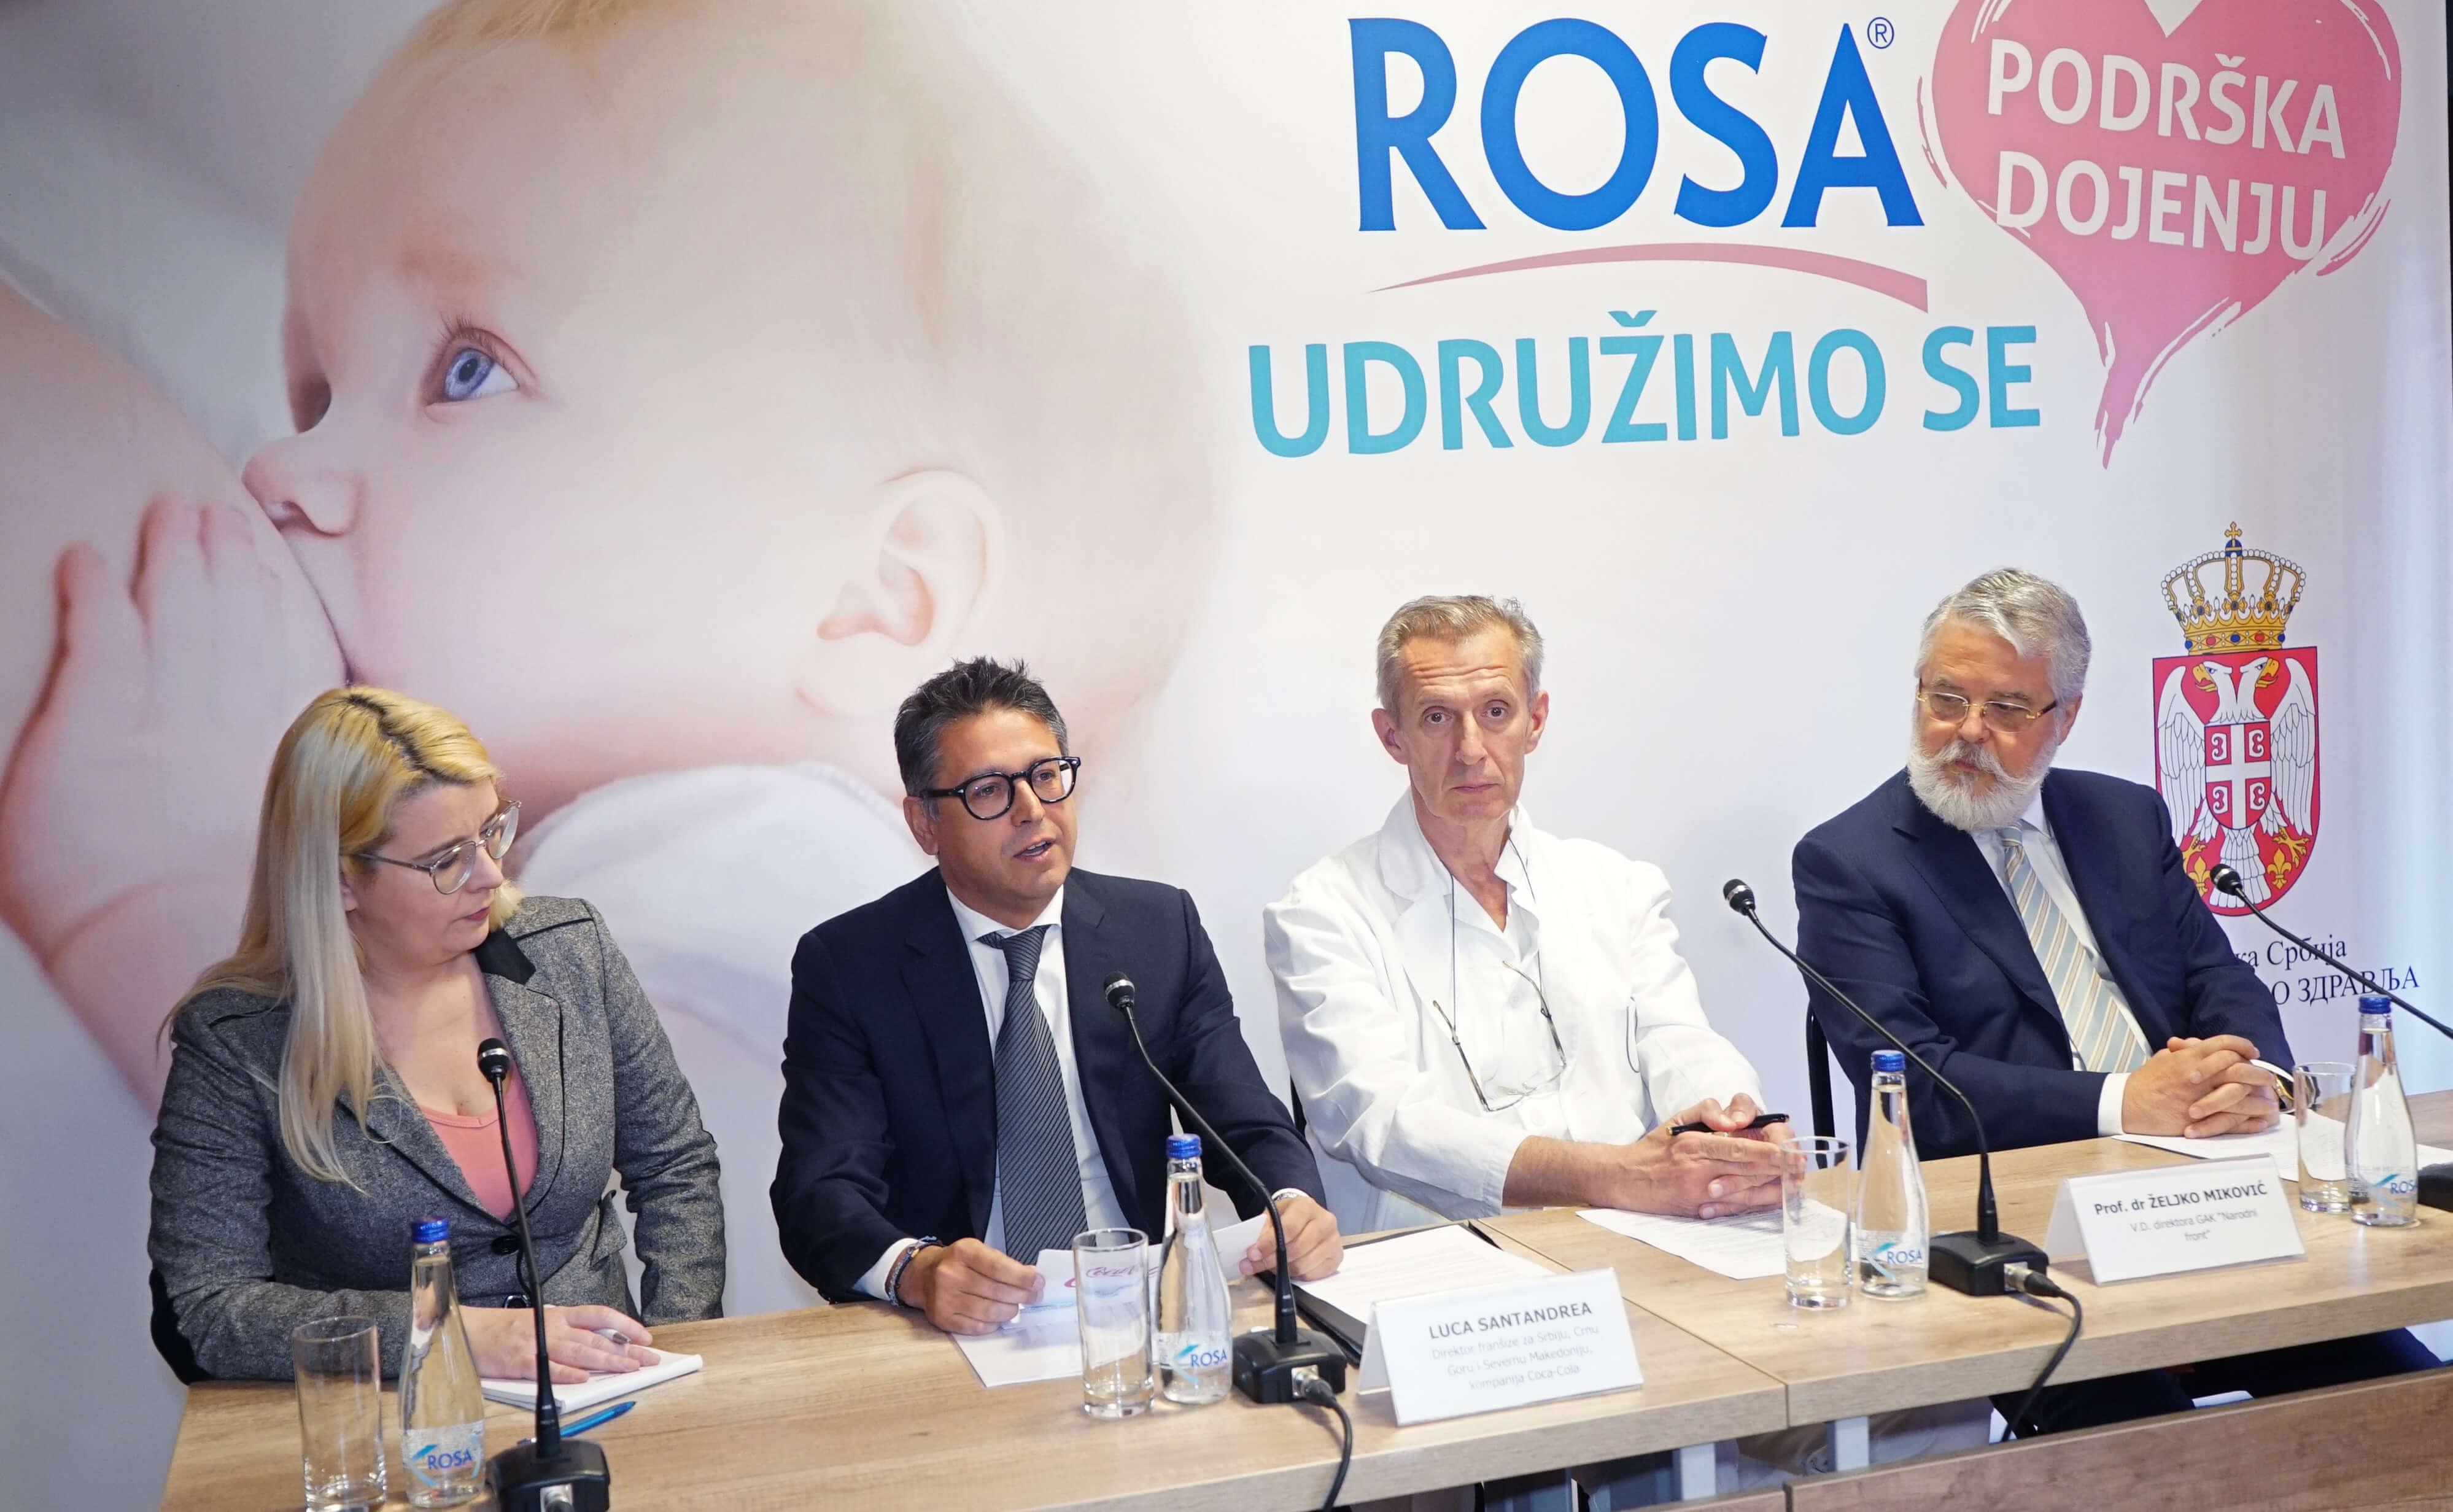 Rosa soba za podršku dojenju uskoro u GAK Narodni front